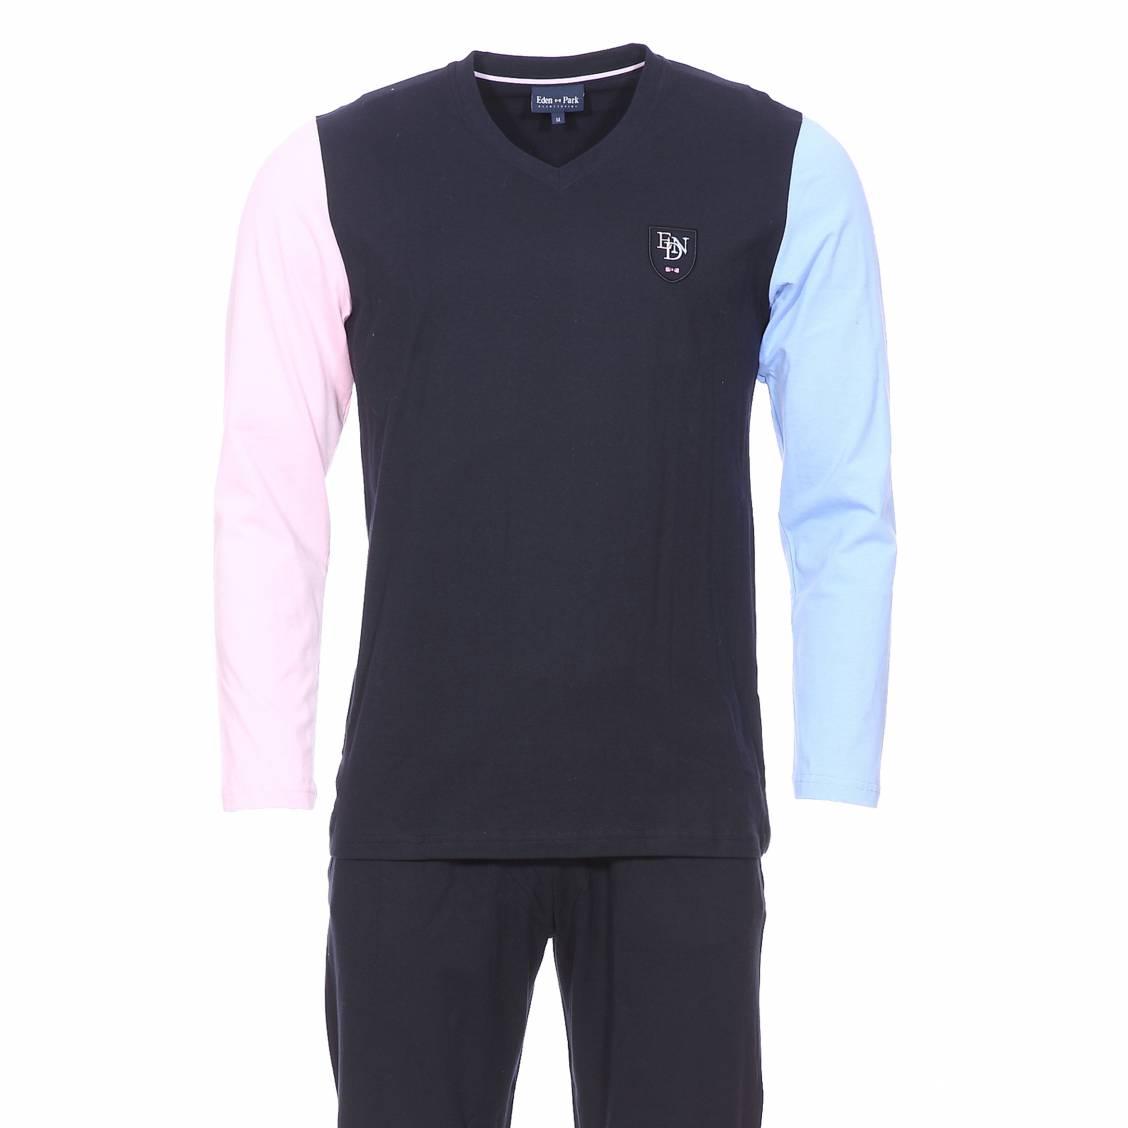 Pyjama long  en coton : tee-shirt bleu marine à manches longues bleu ciel et rose pâle et pantalon uni bleu marine